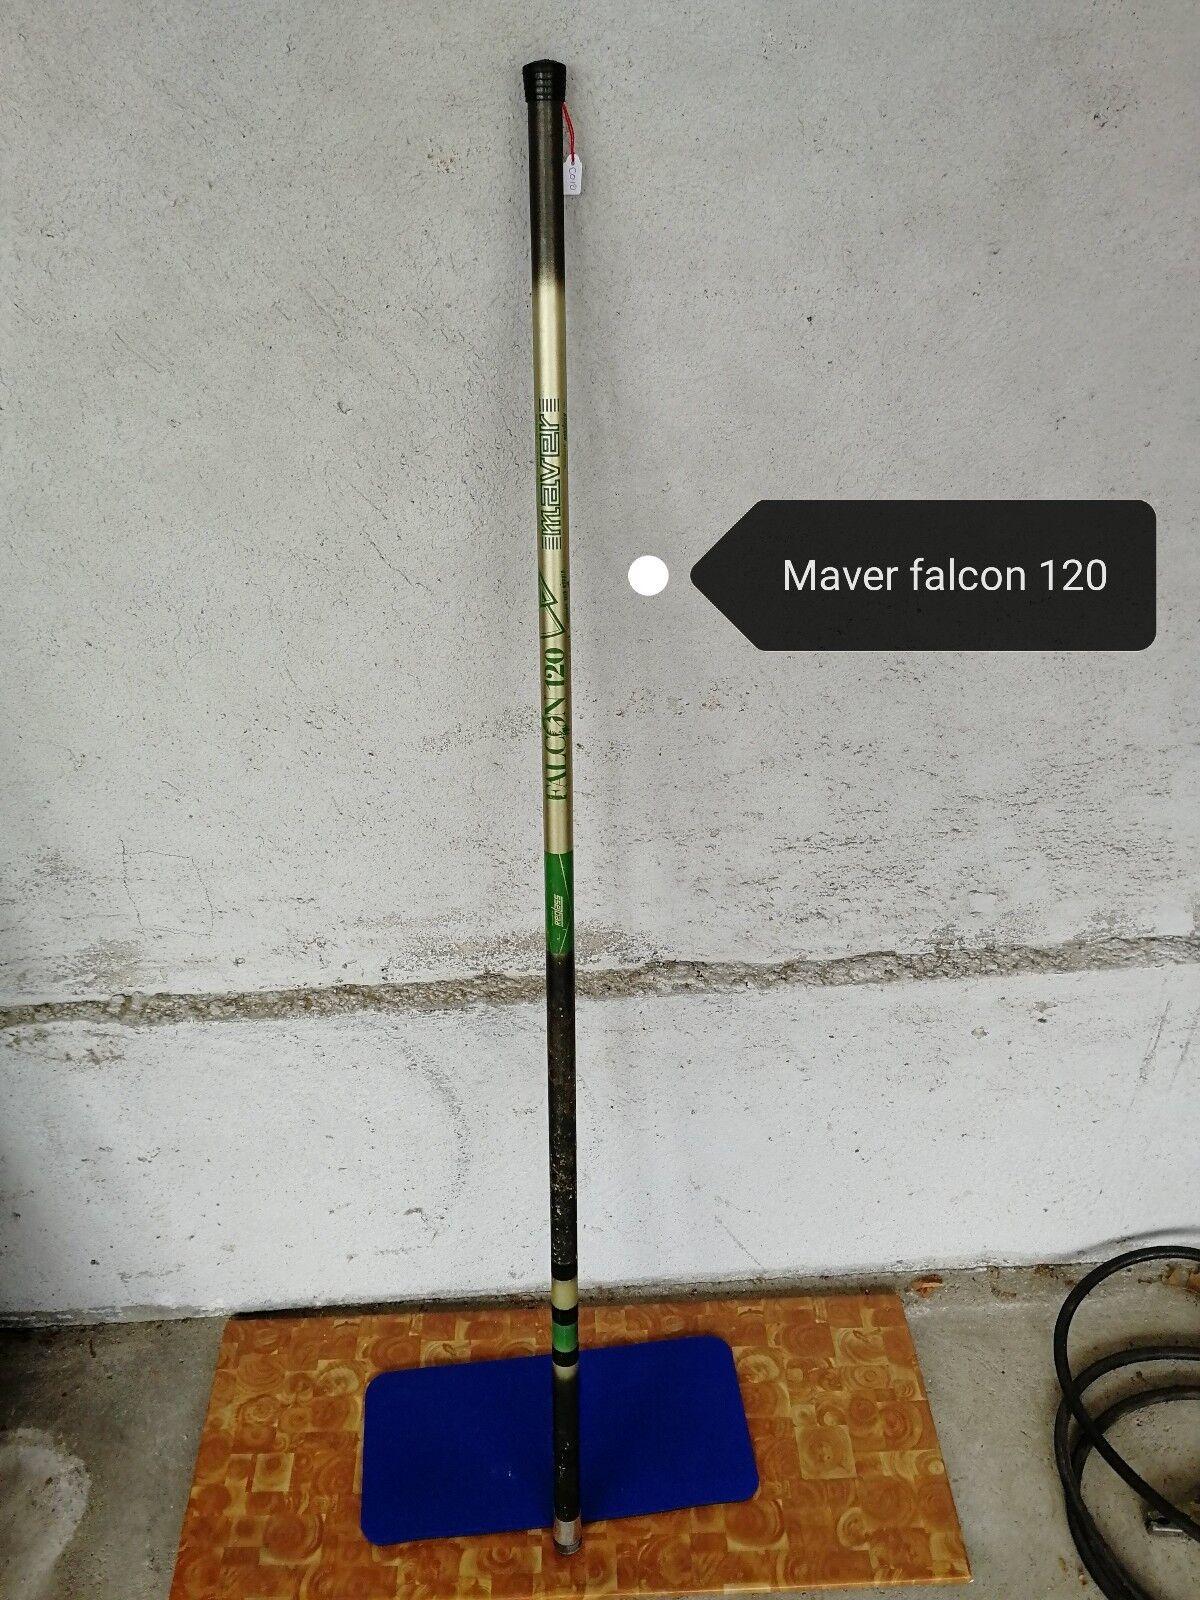 Articolo C010 - Canna da pesca Maver falcon 120 - 6 metri